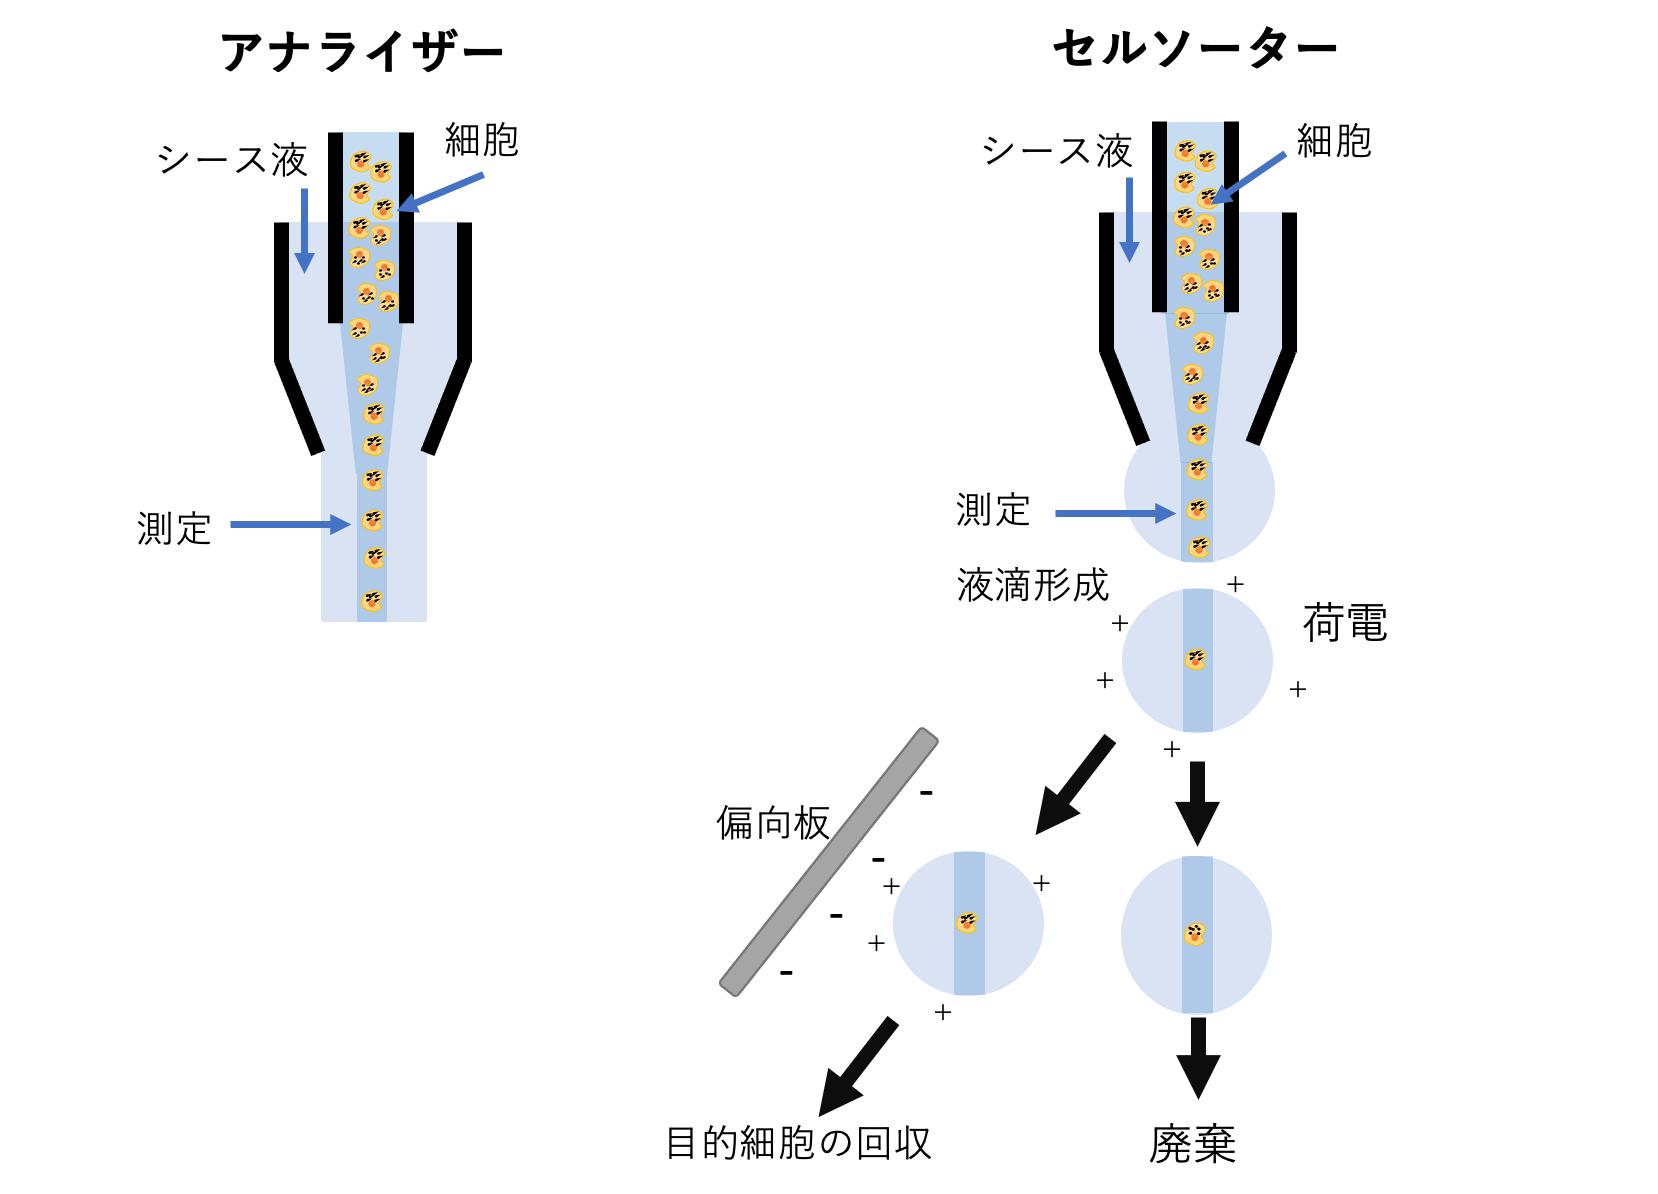 サイト メトリー フロー 多発性骨髄腫(1):多発性骨髄腫の病態とマルチカラー・フローサイトメトリー解析|Webセミナー|ベックマン・コールター ライフサイエンス